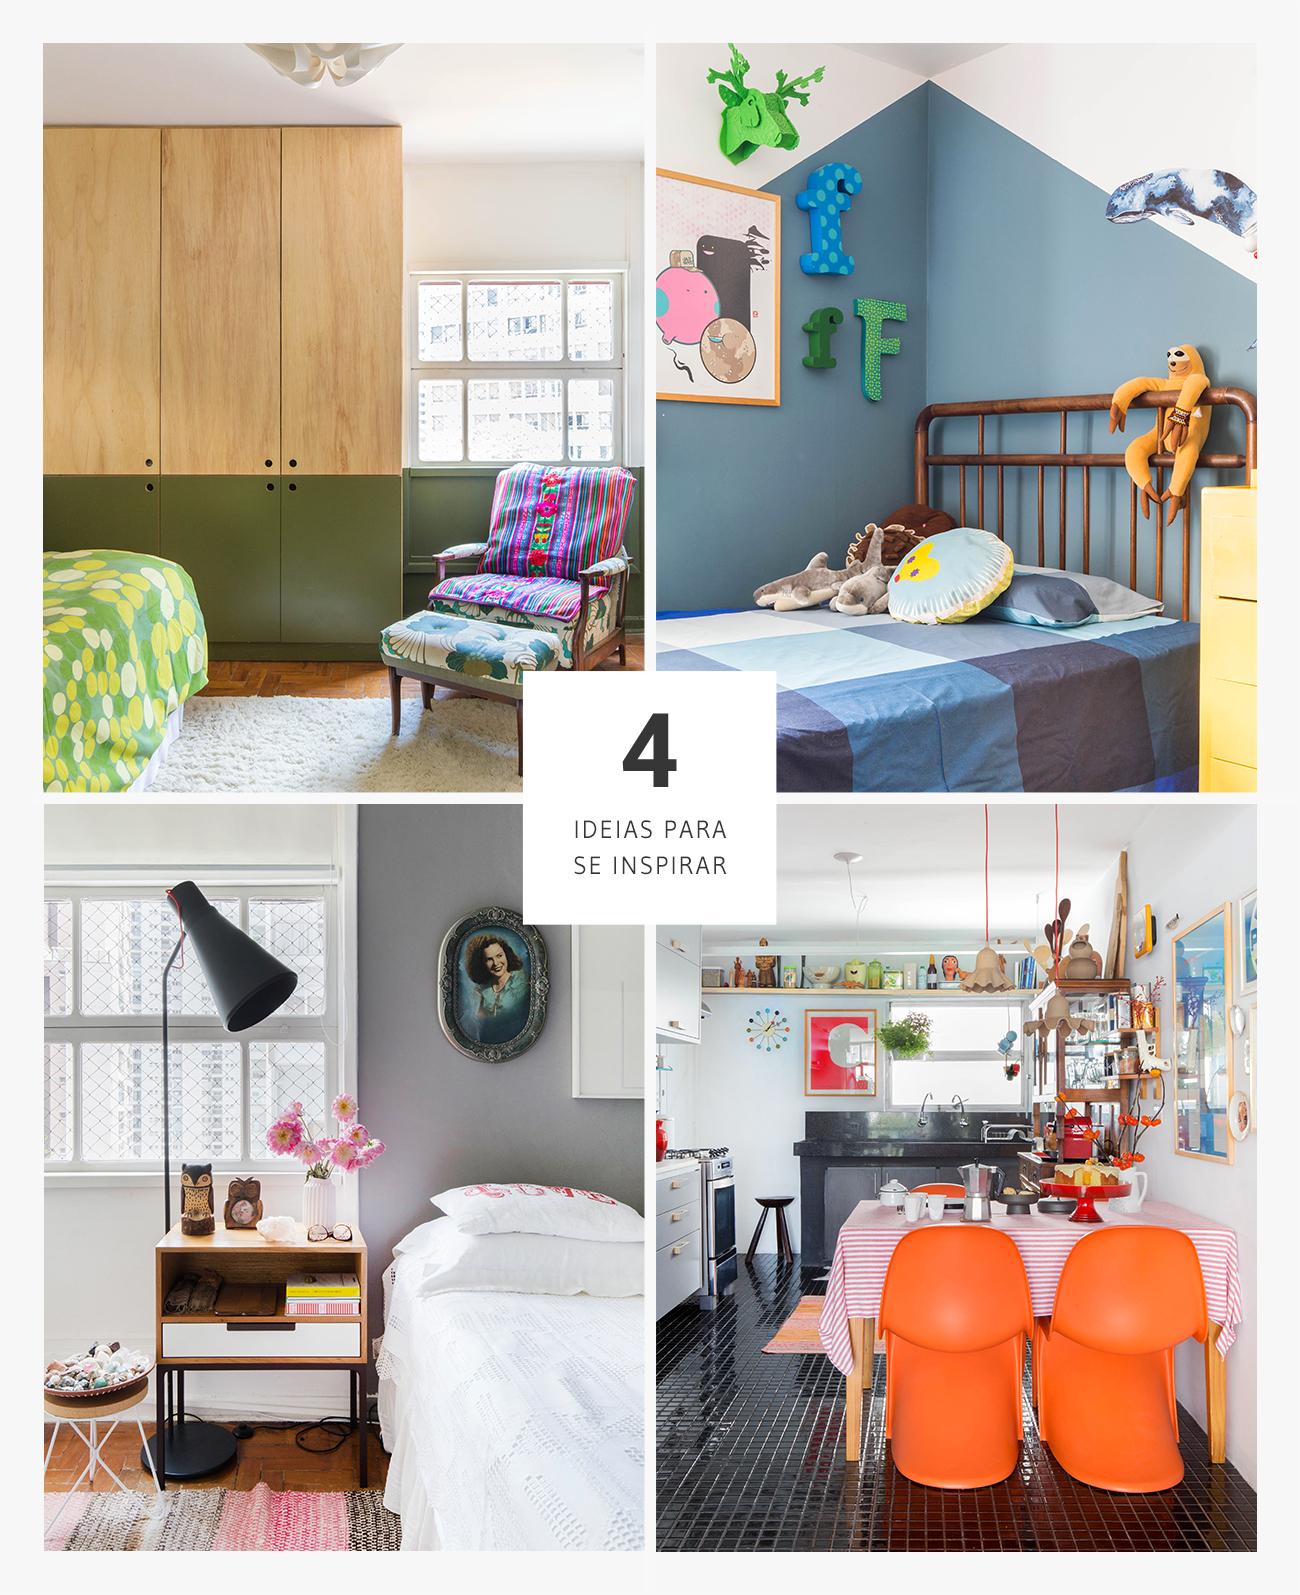 Boas ideias de decoração, casa colorida